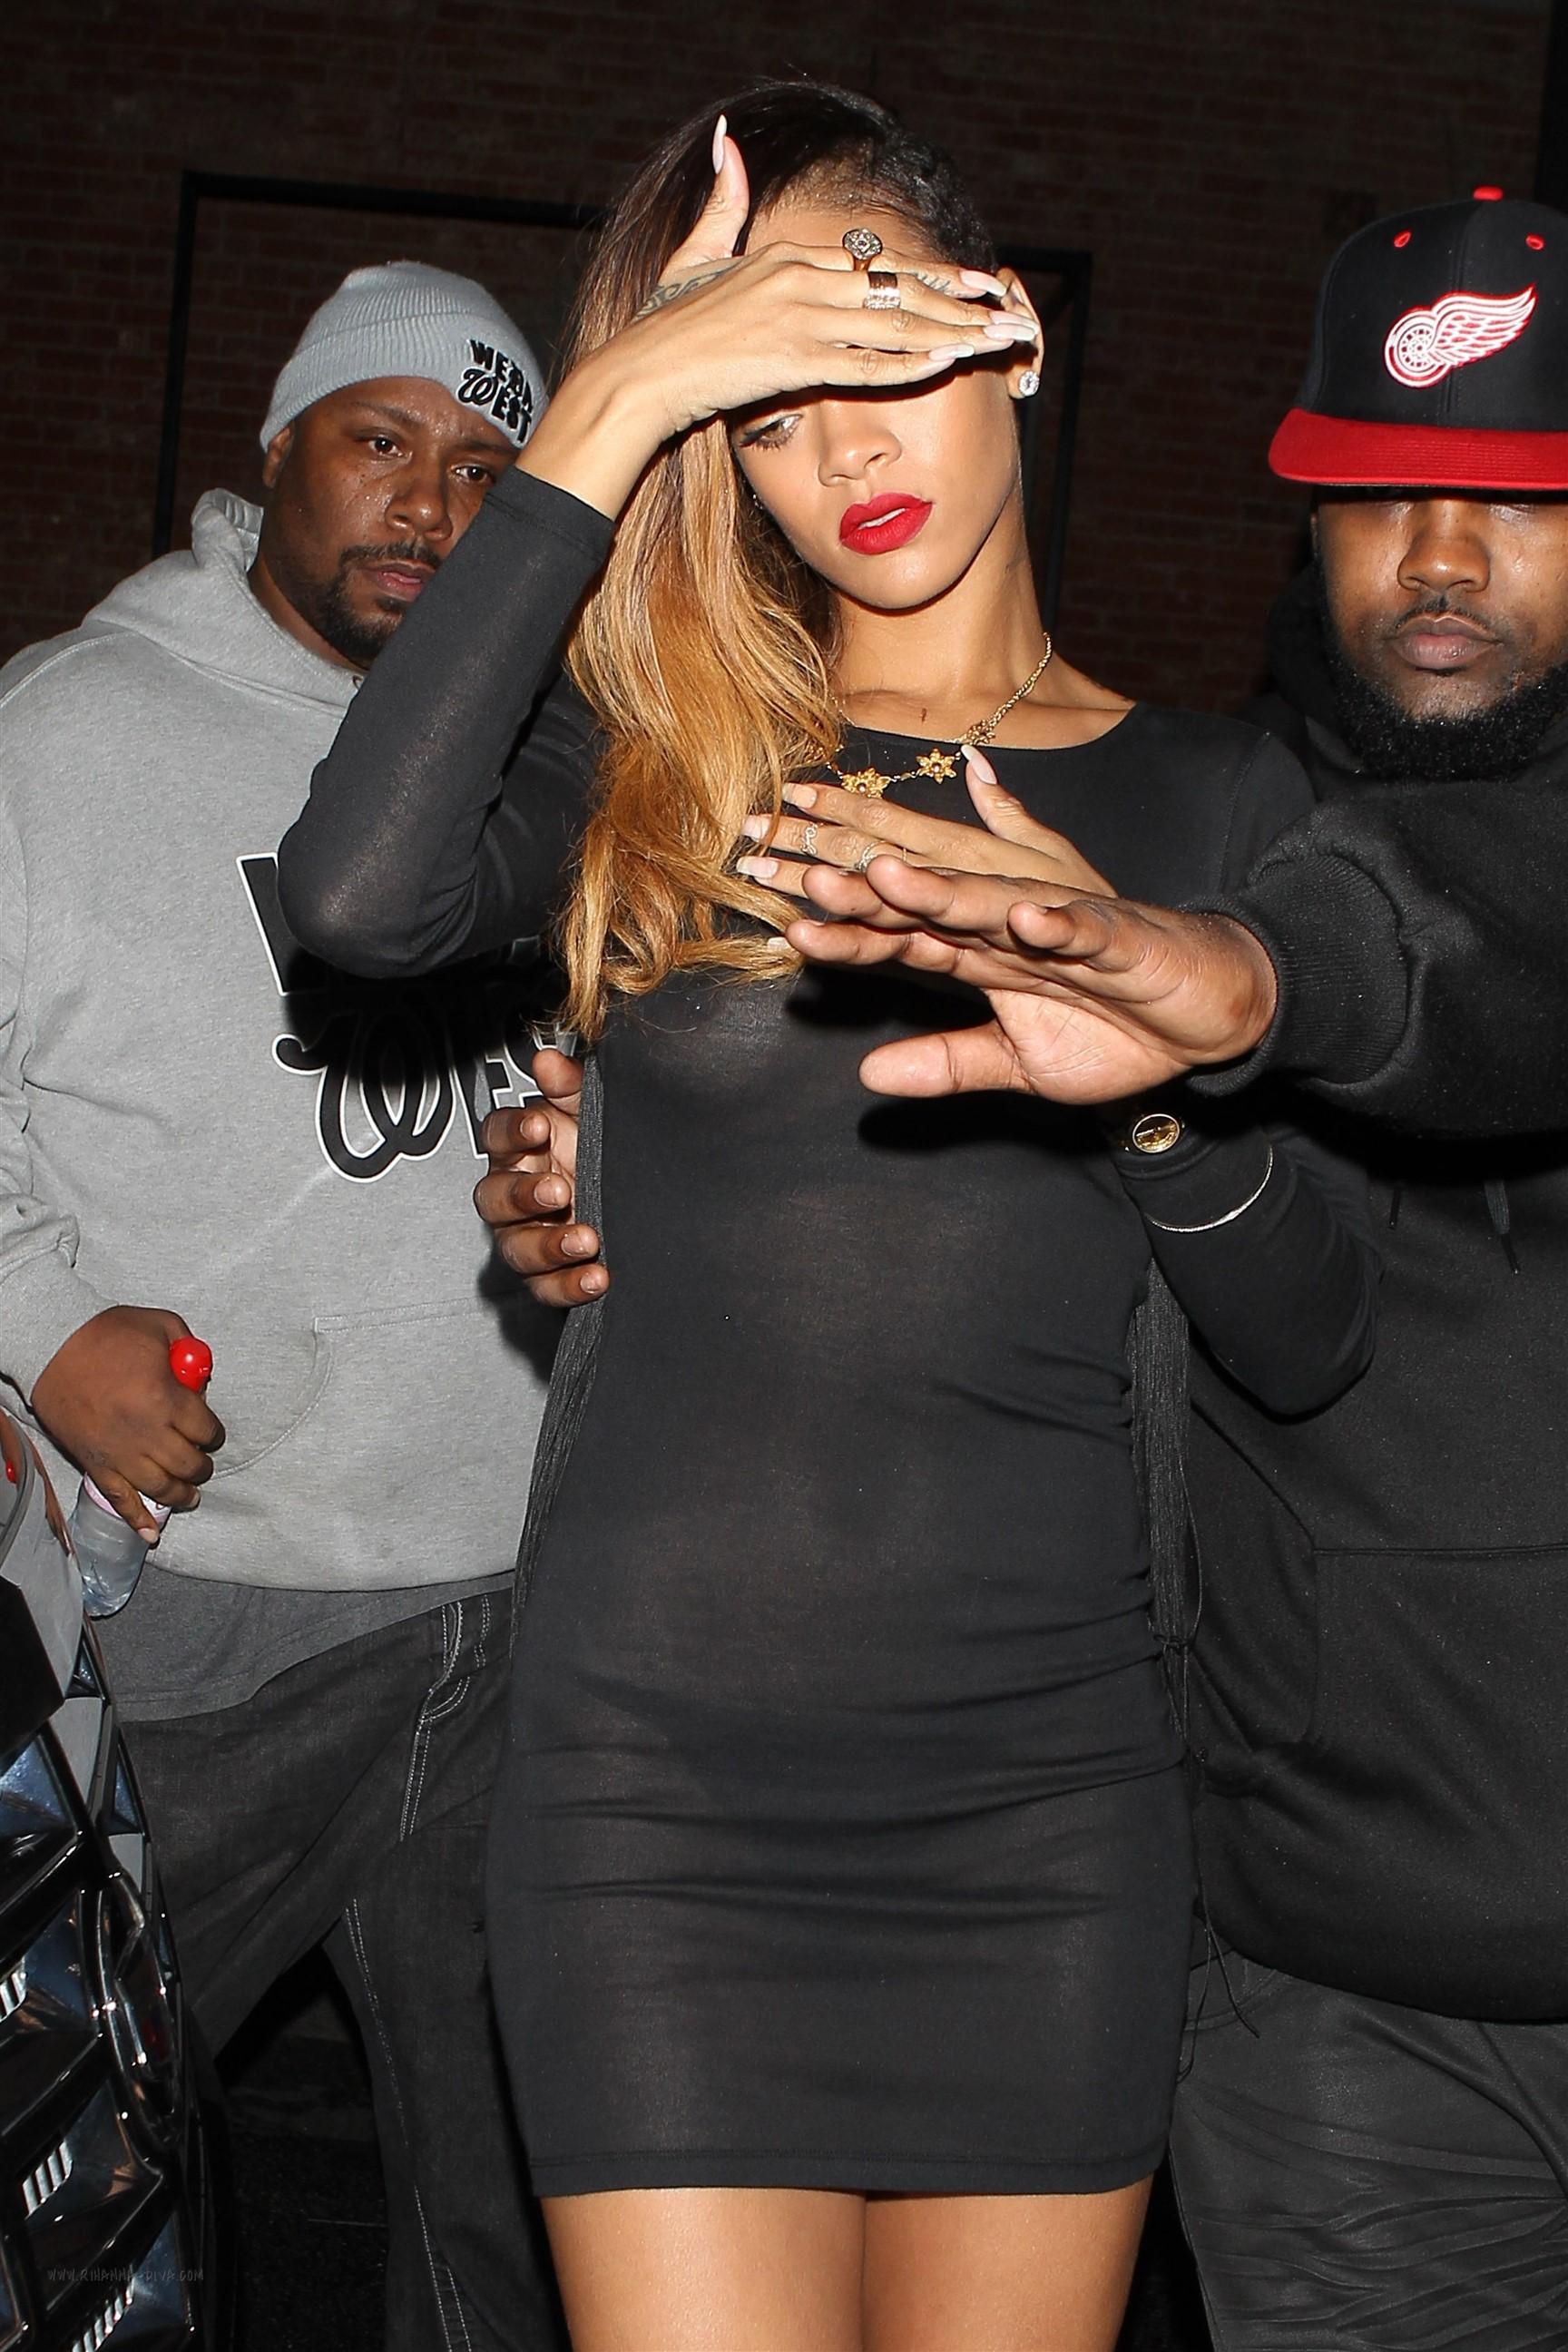 Başarılı şarkıcı Rihanna sütyensiz giydiği sexy siyah elbisesi ile frikik vermekten kaçamadı, HD foto galeriyi görüntülemek için buraya tıklayın.